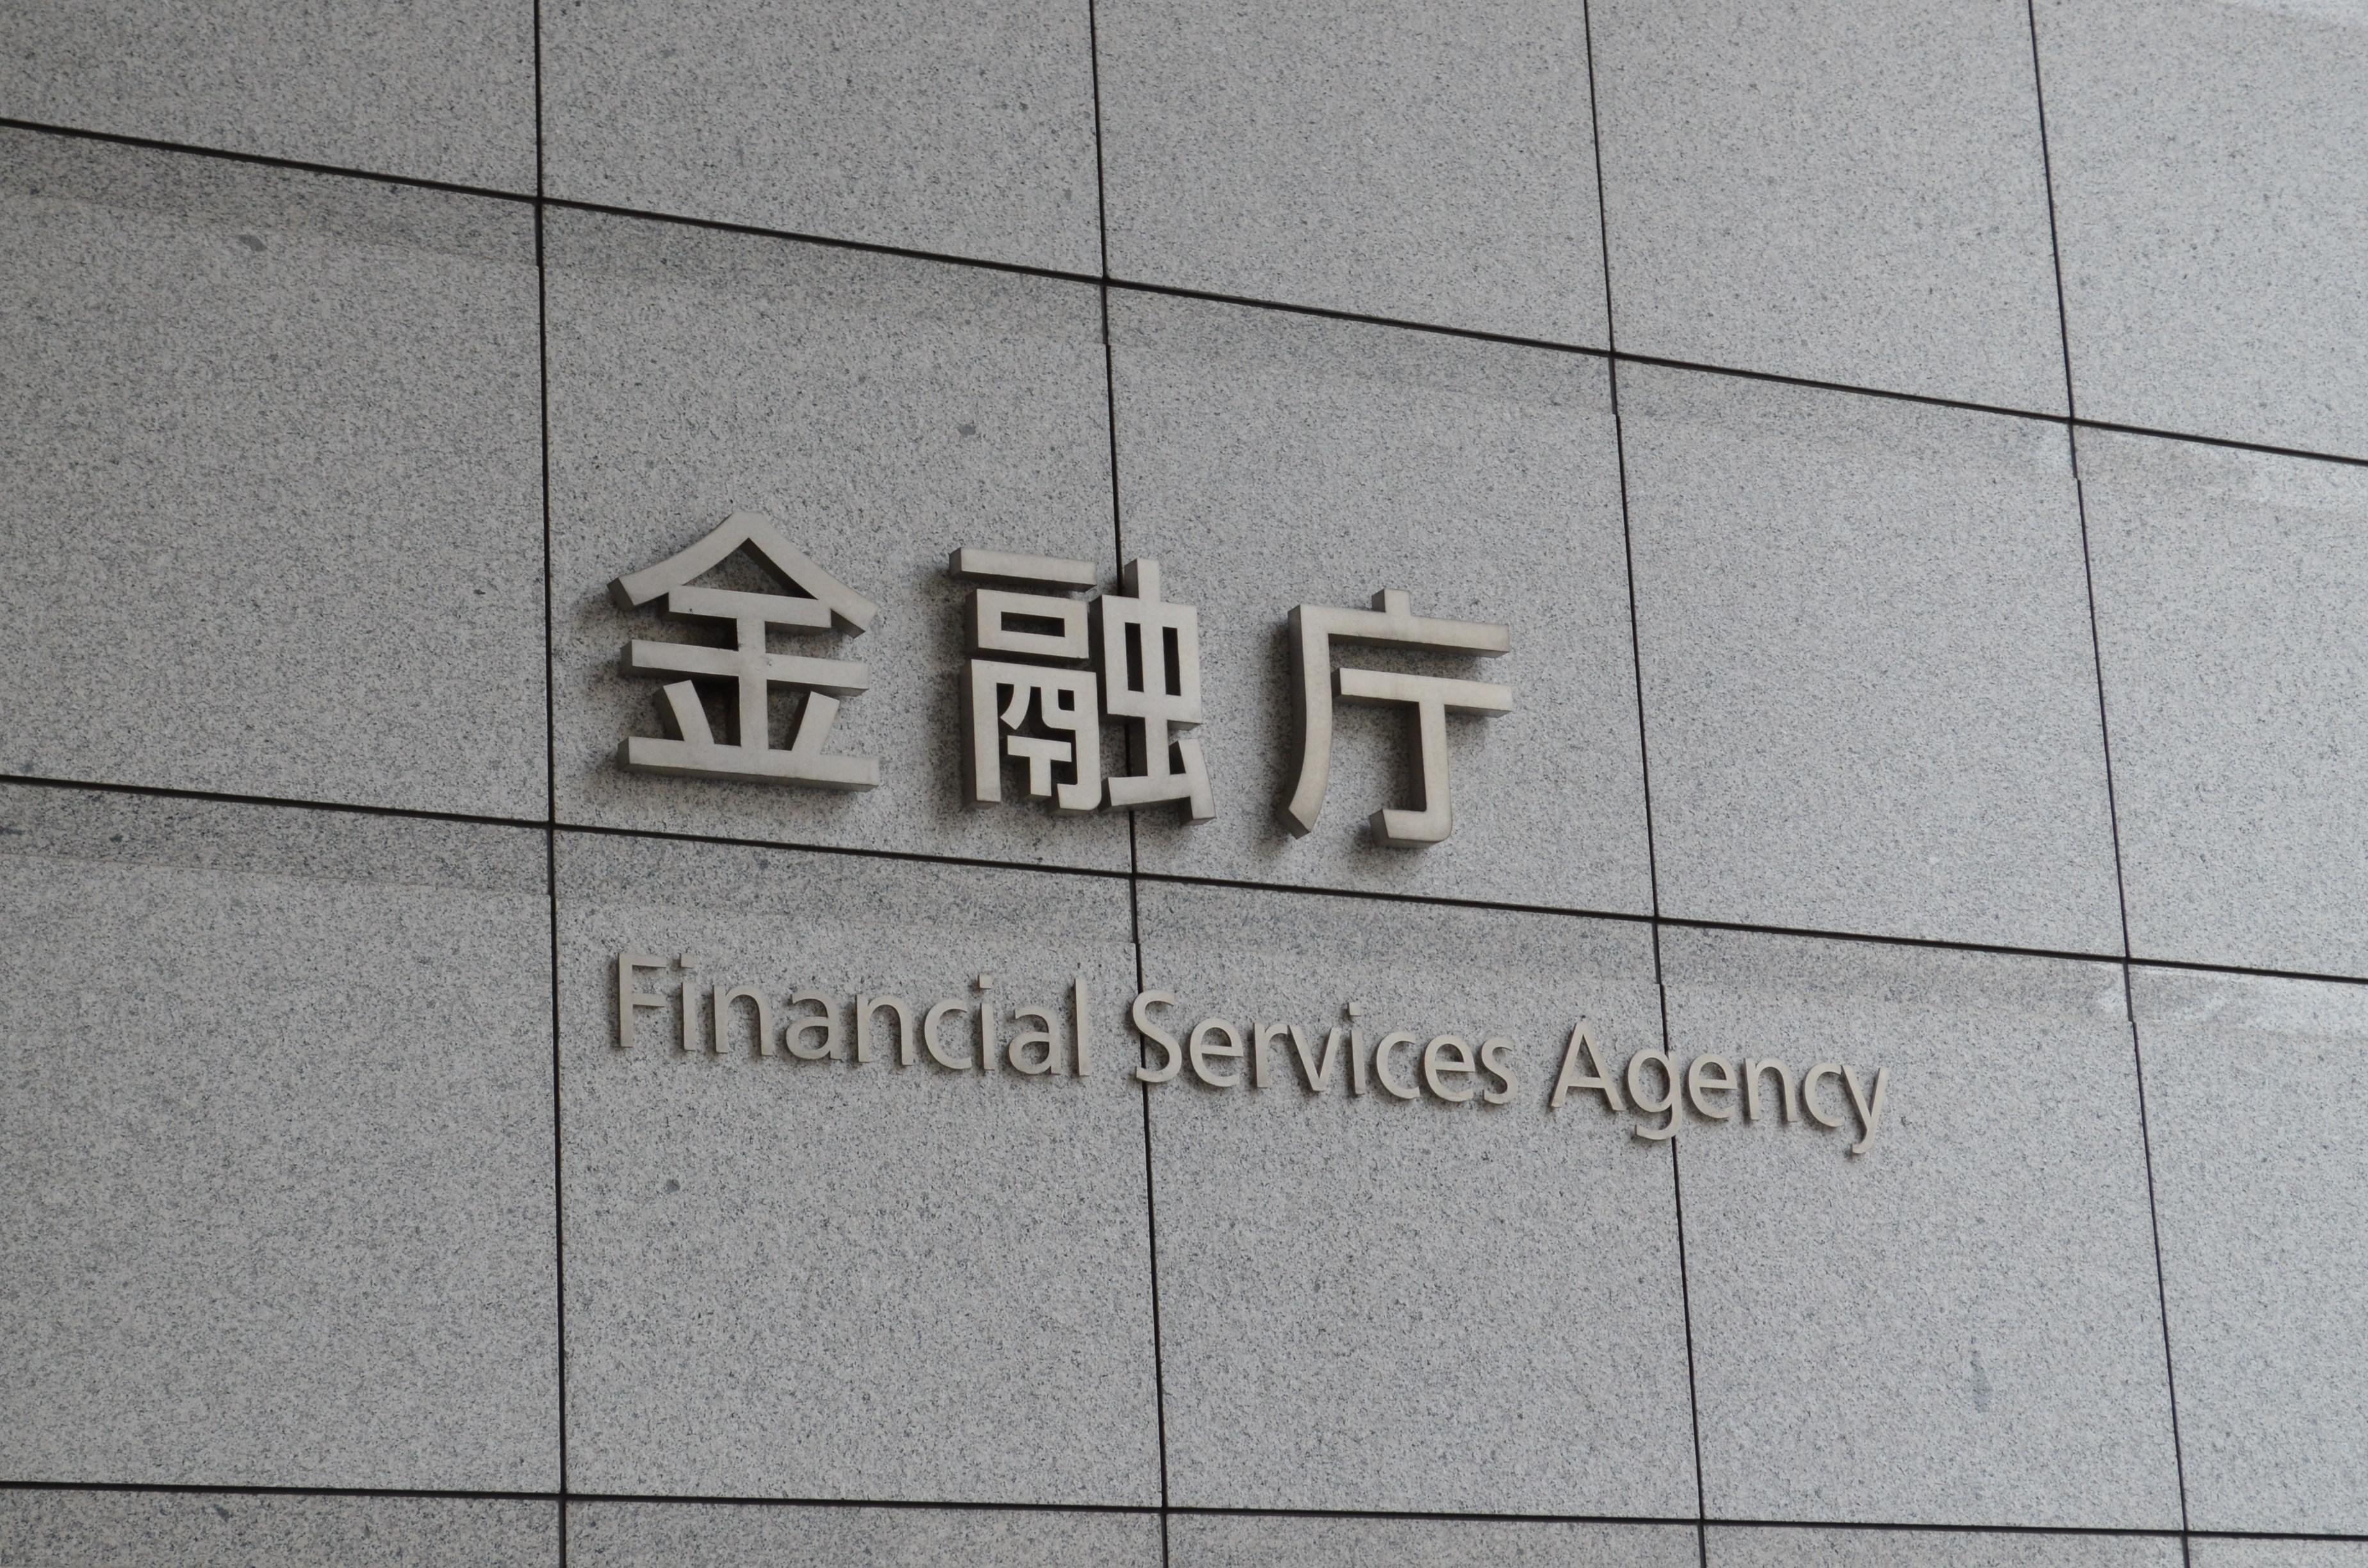 2018年4月20日号2面 金融庁有識者会議、地銀統合問題で提言、公取委の判断に反論